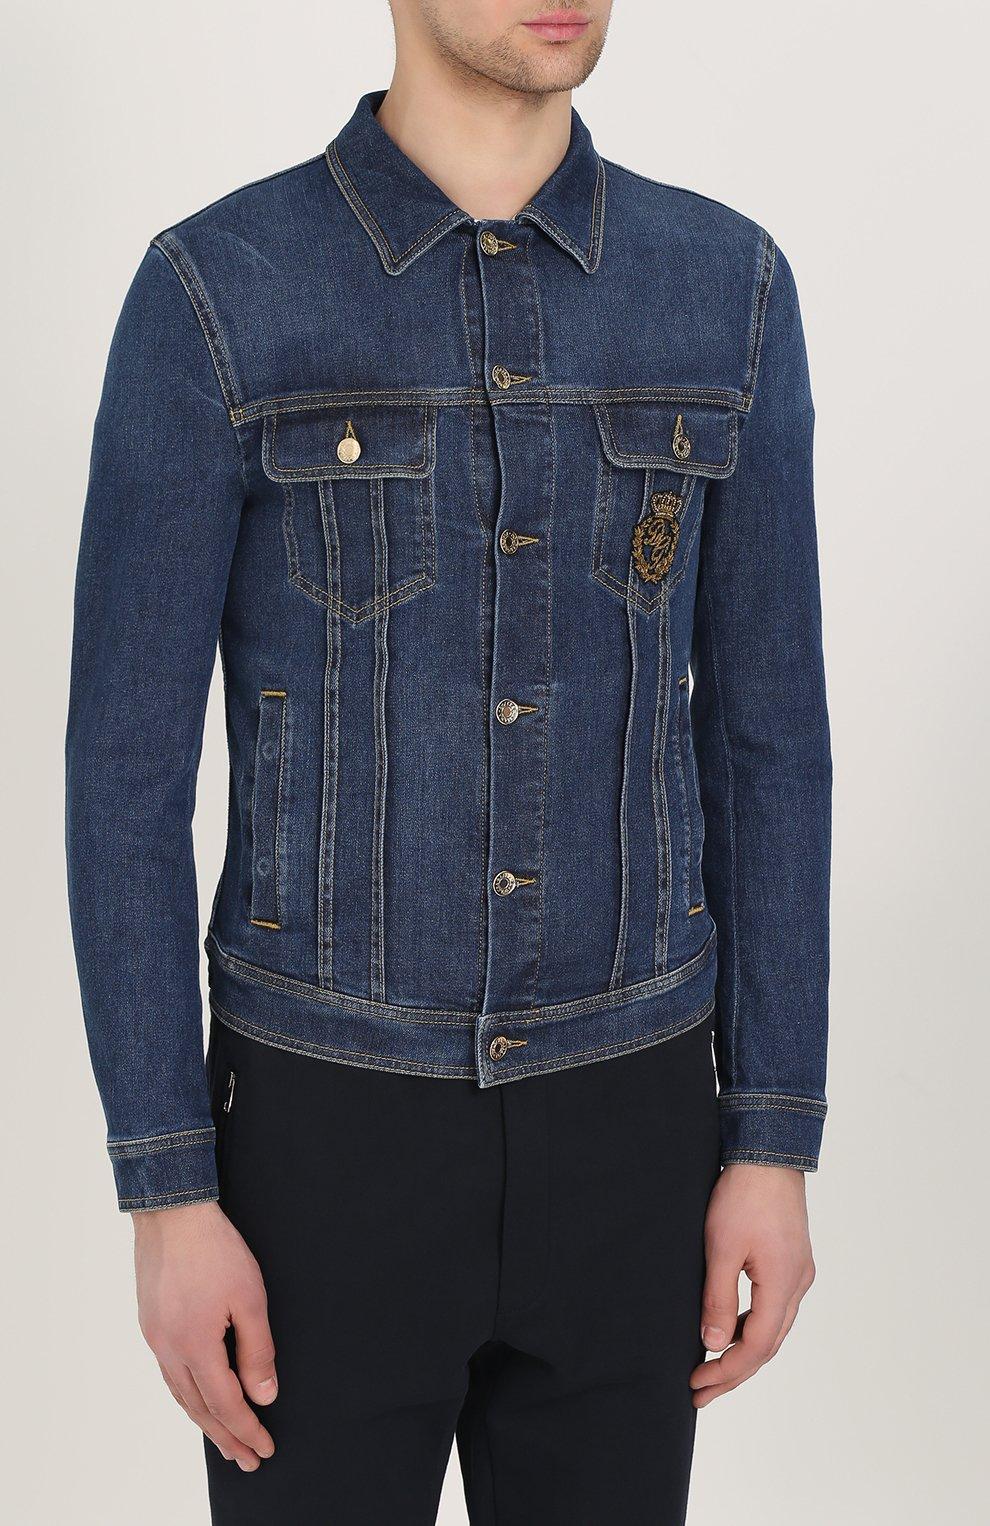 Джинсовая куртка с контрастной прострочкой и вышивкой канителью | Фото №3